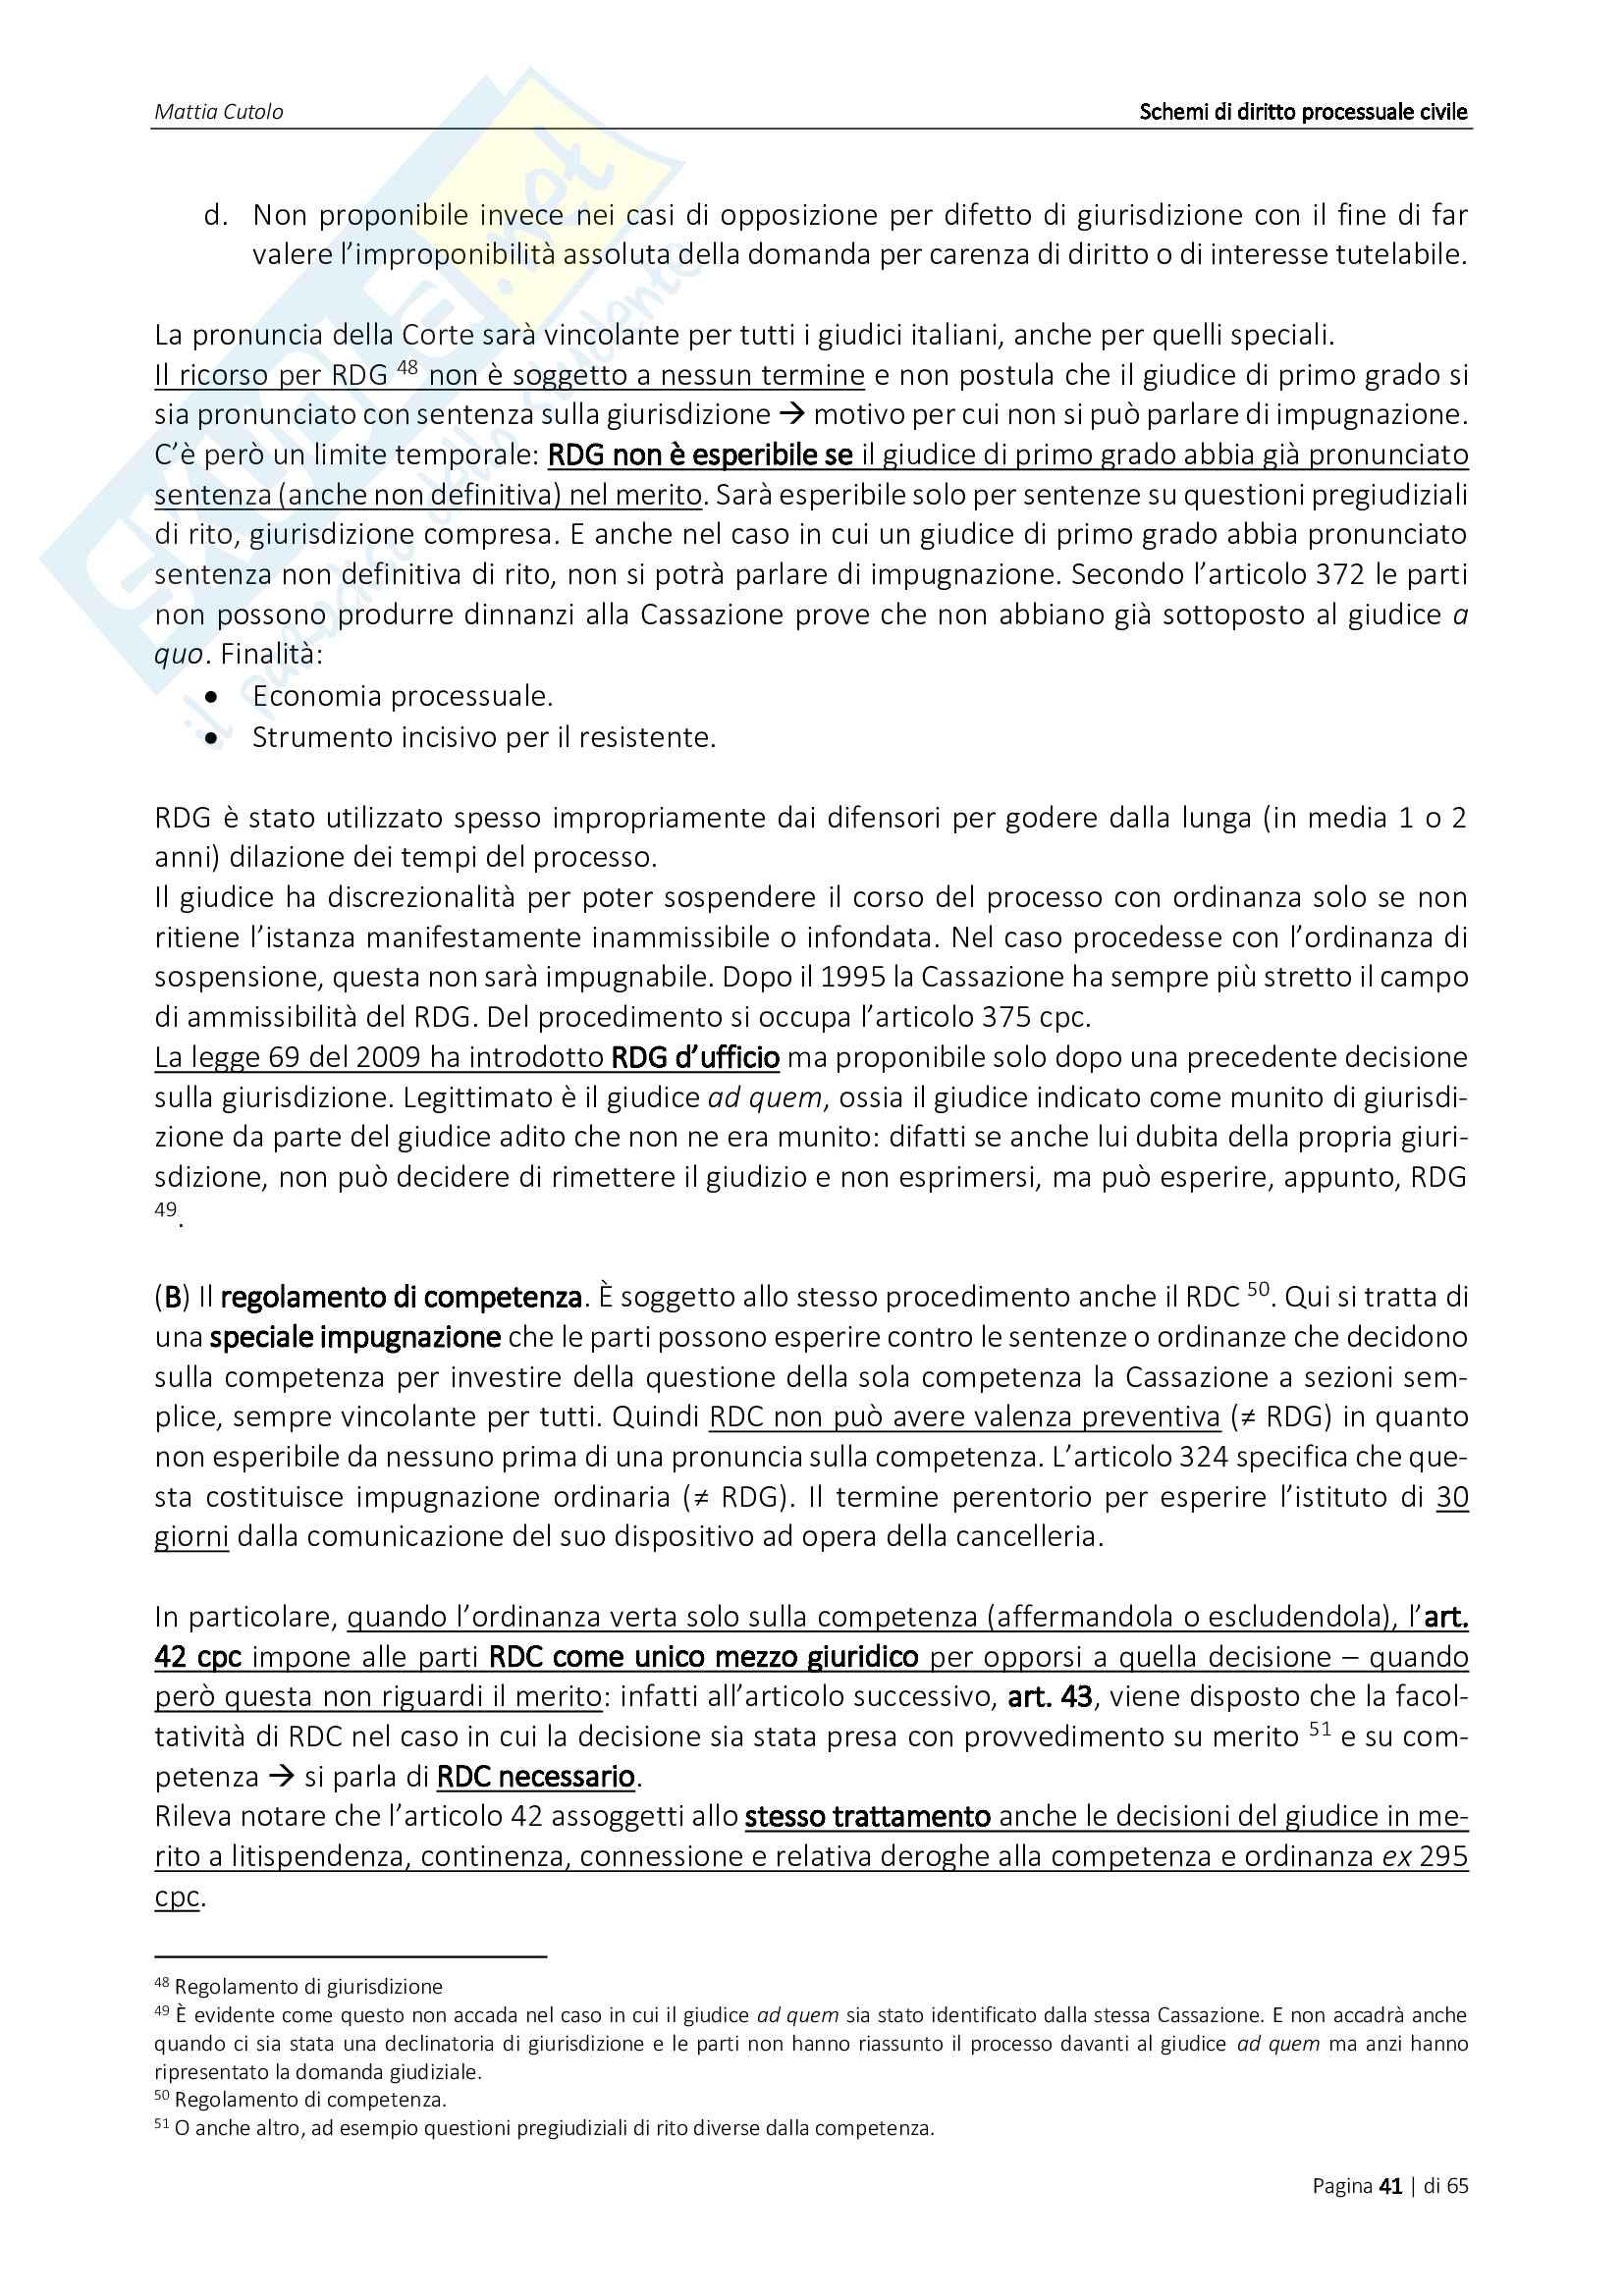 Appunti di diritto processuale civile Pag. 41